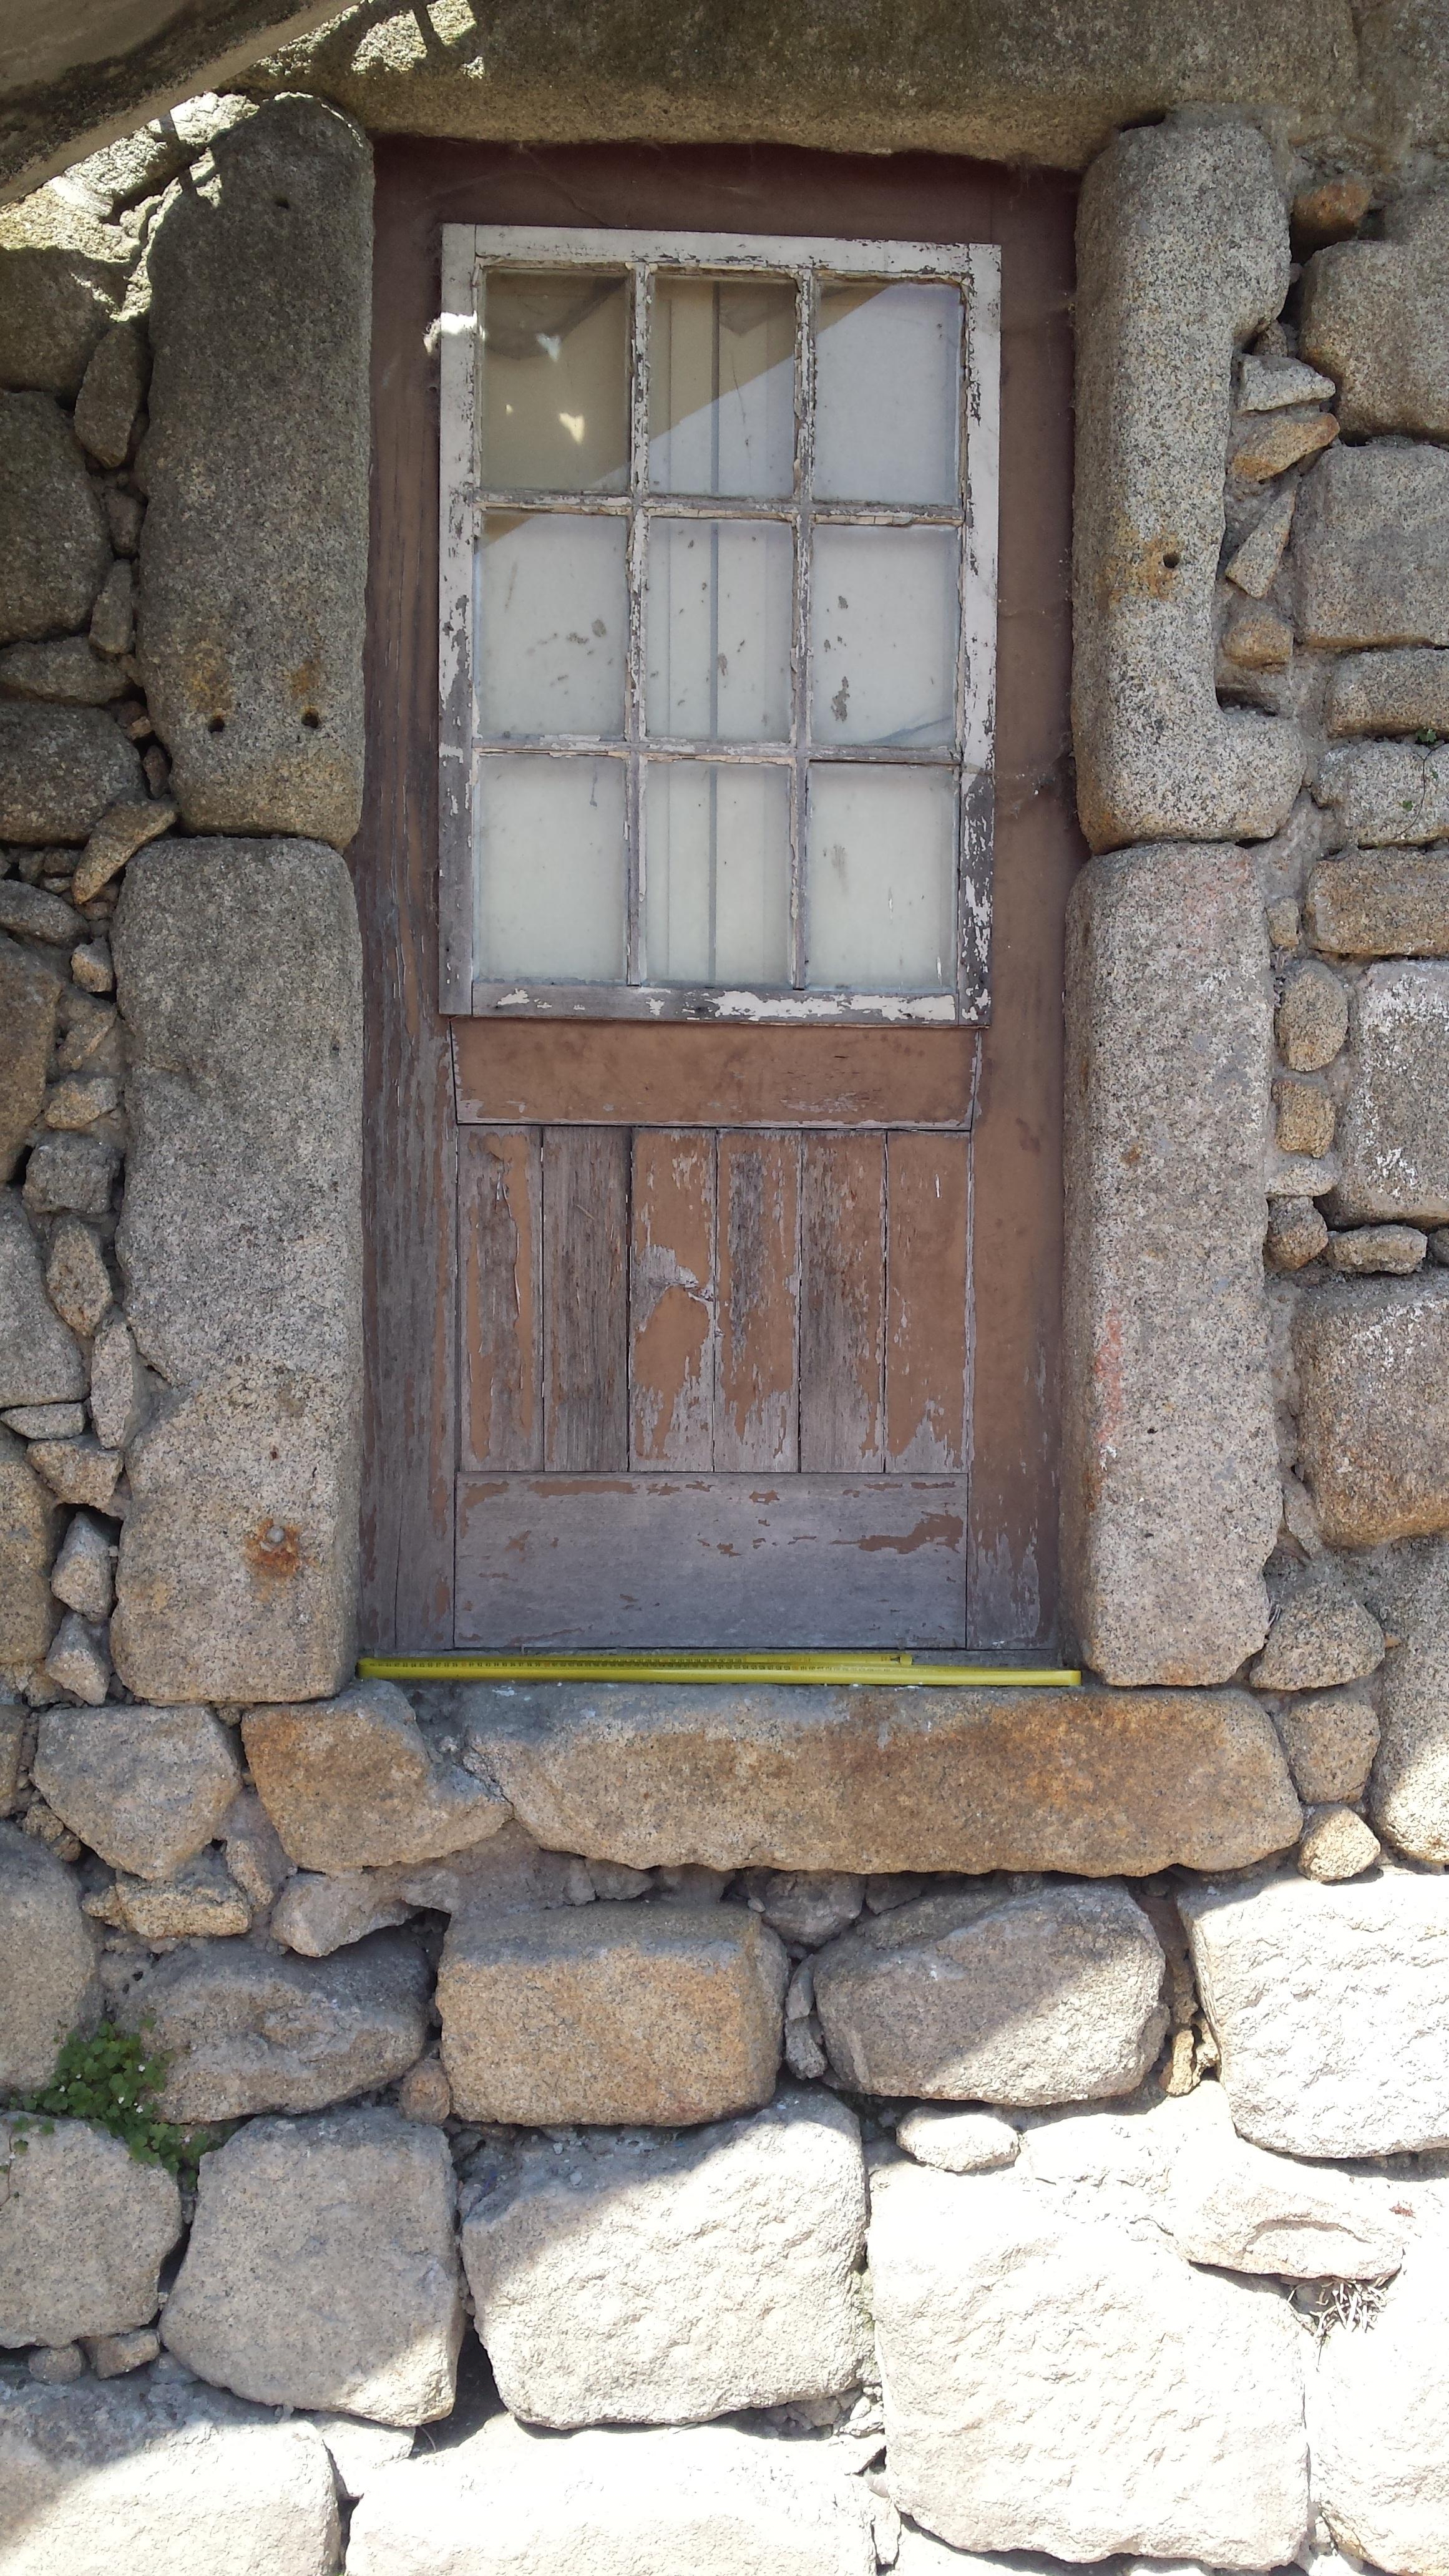 images gratuites maison fen tre chalet fa ade mur de pierre brique des pierres brique. Black Bedroom Furniture Sets. Home Design Ideas